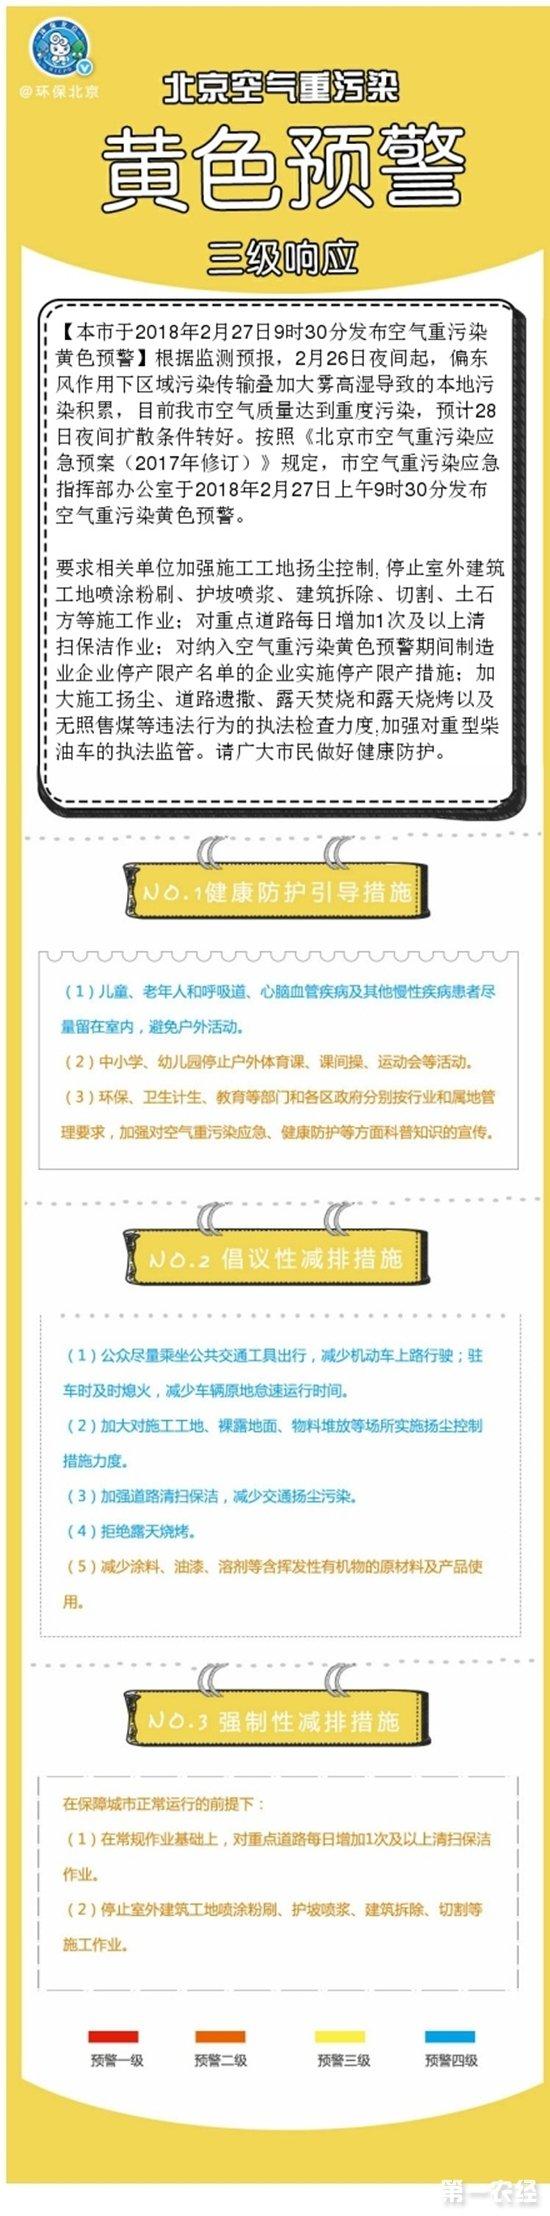 北京发布空气重污染黄色预警开启应急预案